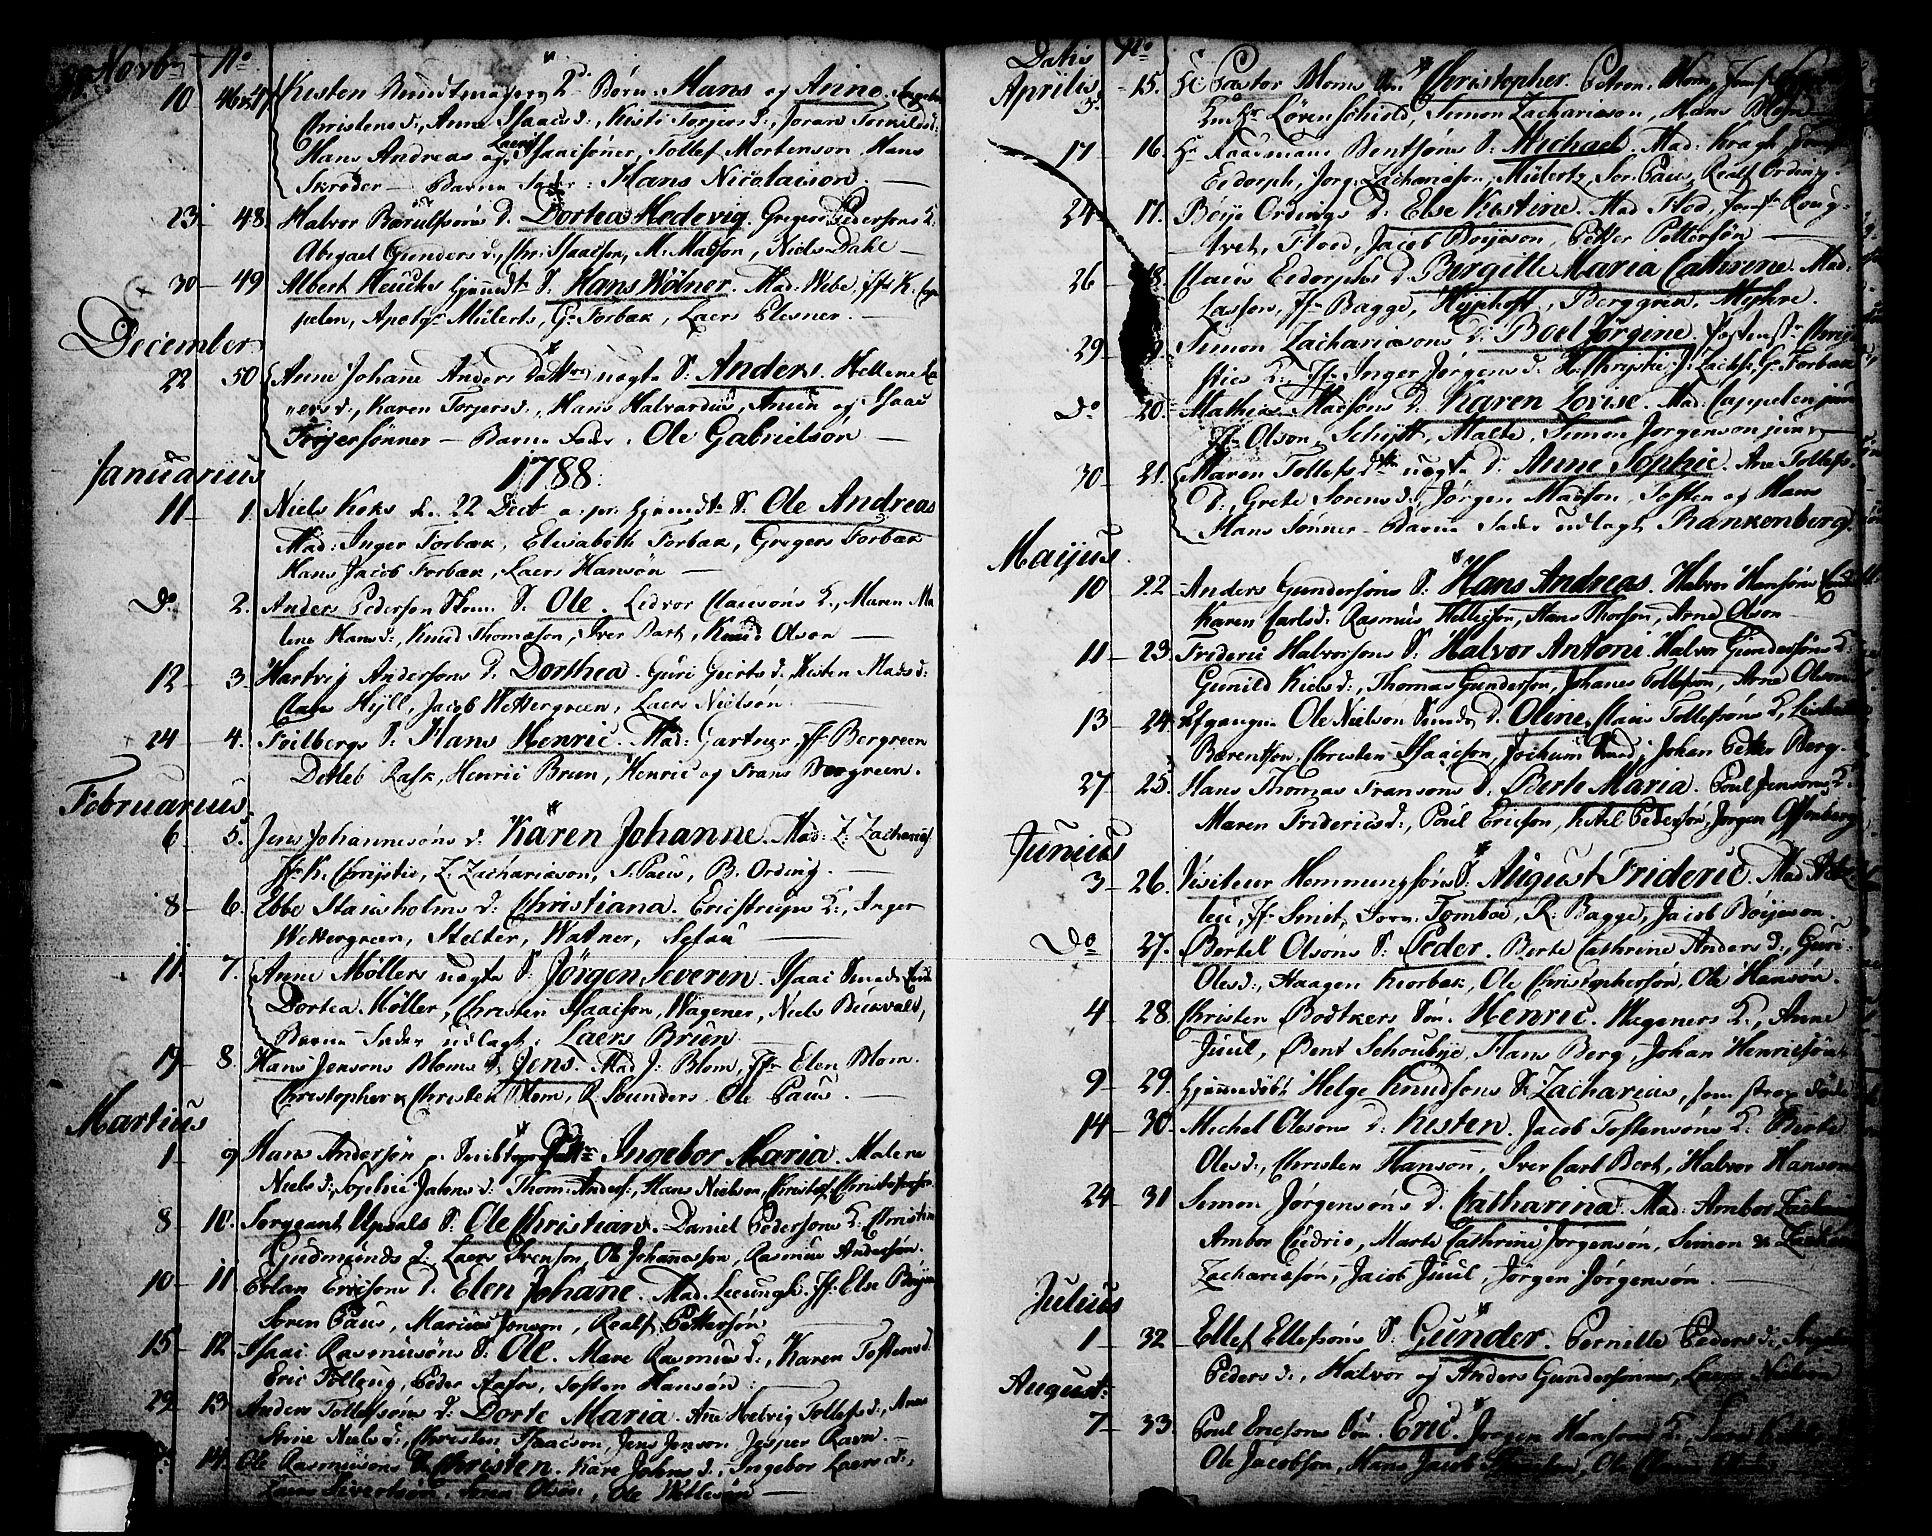 SAKO, Skien kirkebøker, F/Fa/L0003: Ministerialbok nr. 3, 1755-1791, s. 88-89